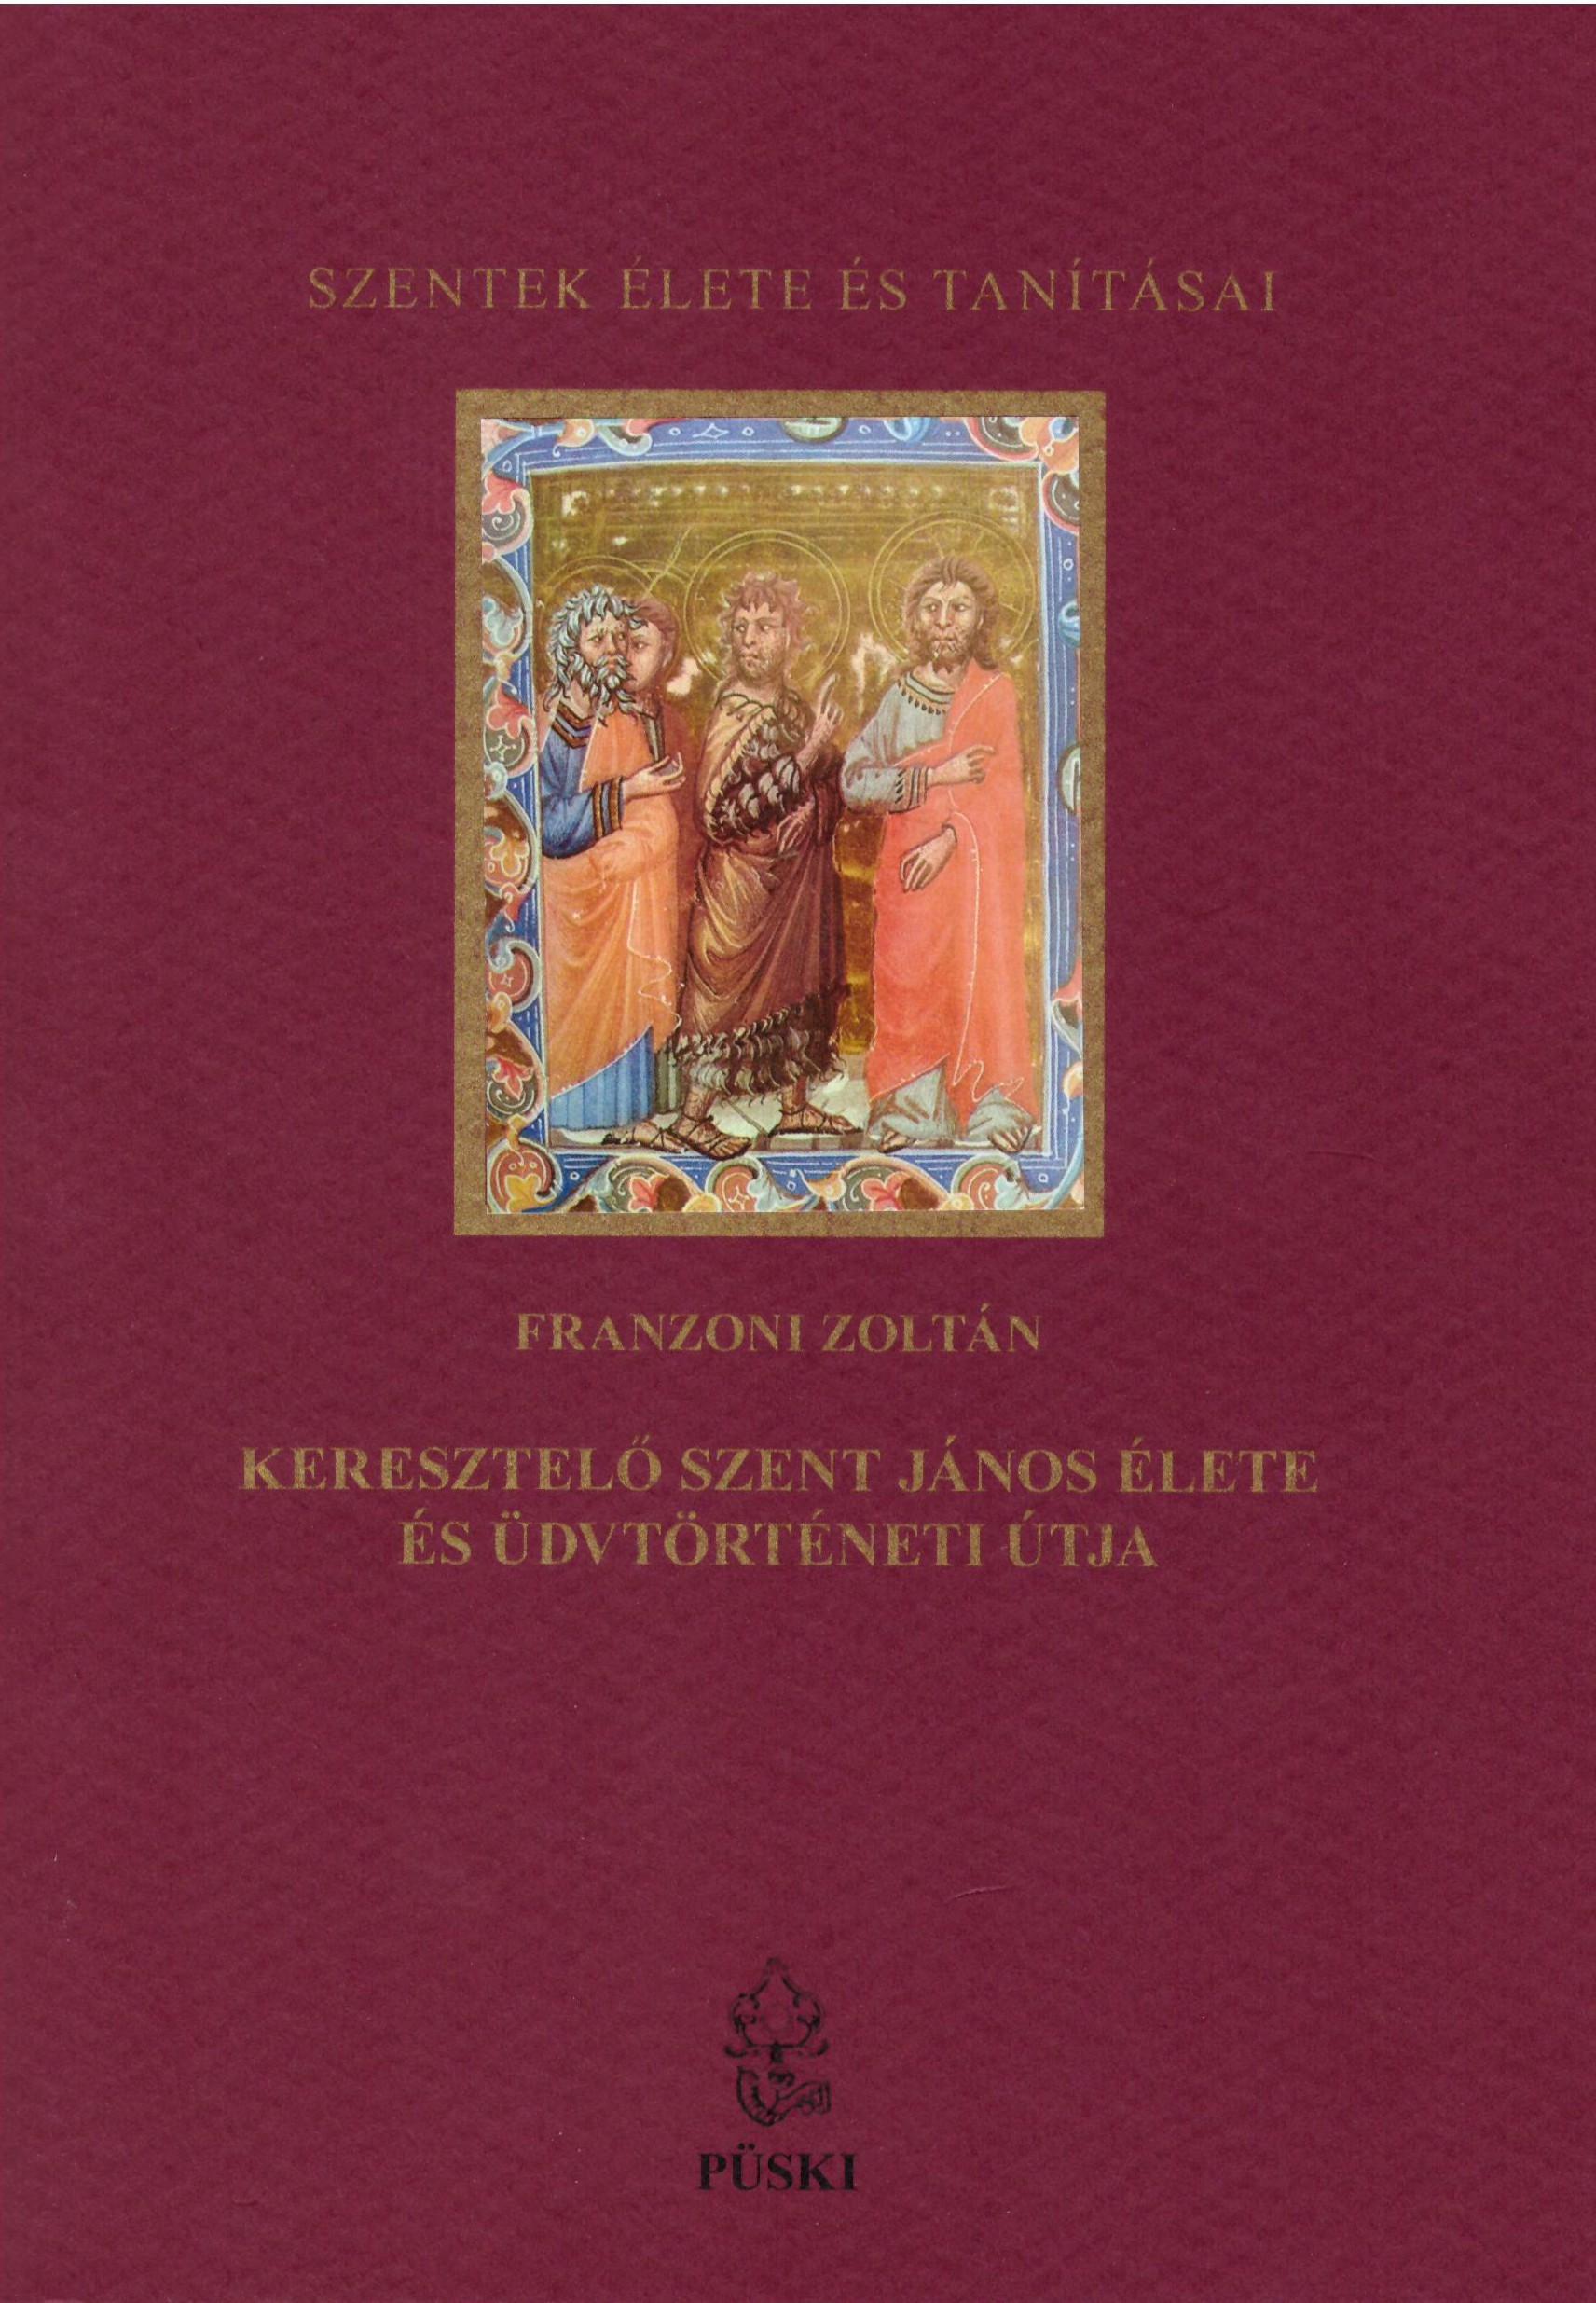 Keresztelő Szent János élete és üdvtörténeti útja